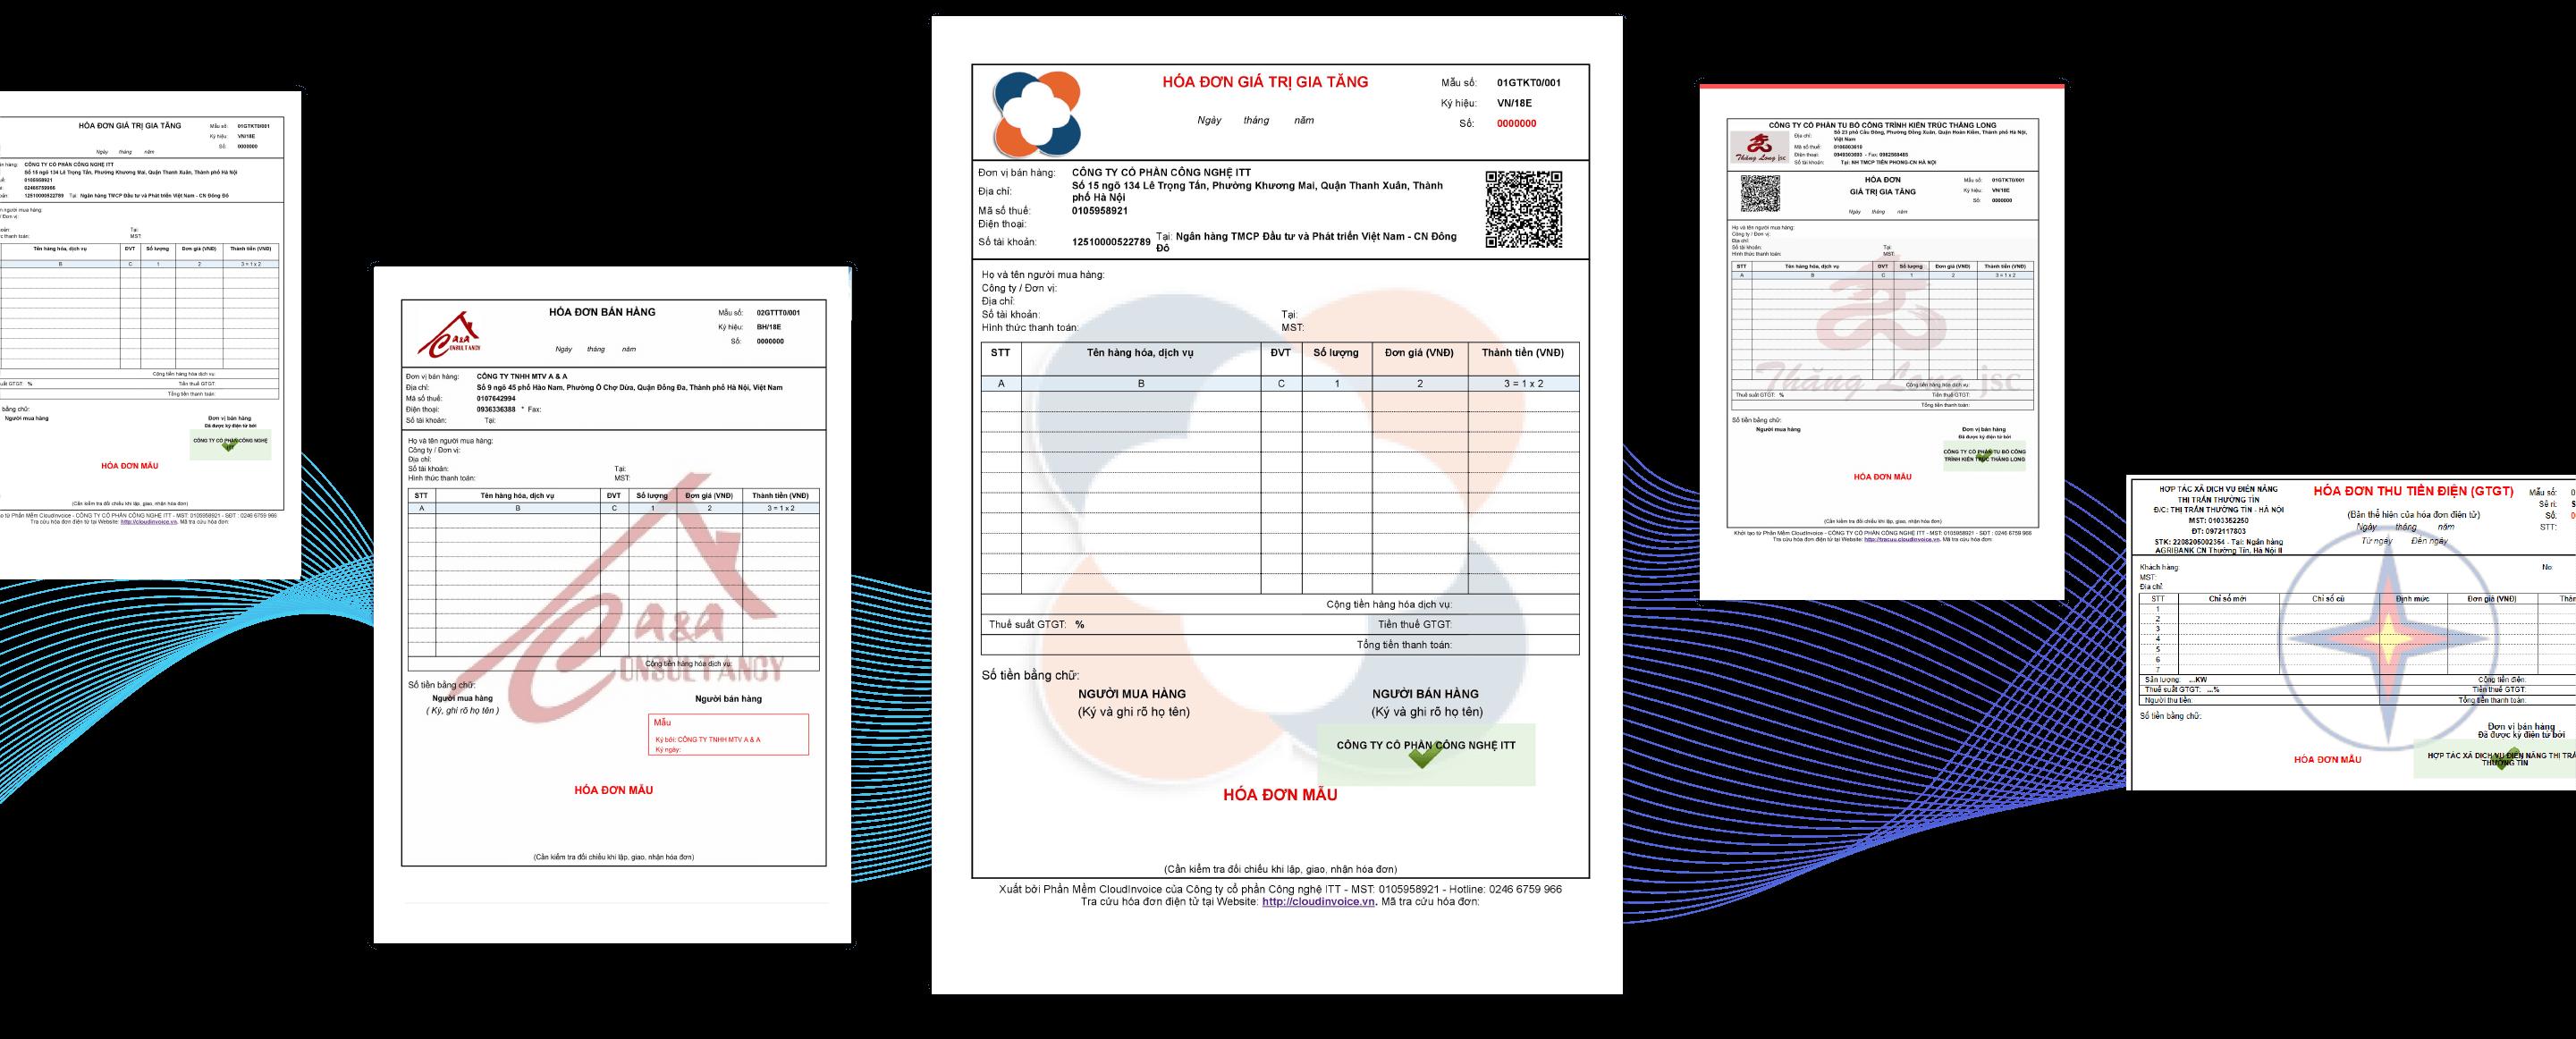 Chủ động thiết kế mẫu hóa đơn - Cloud Invoice